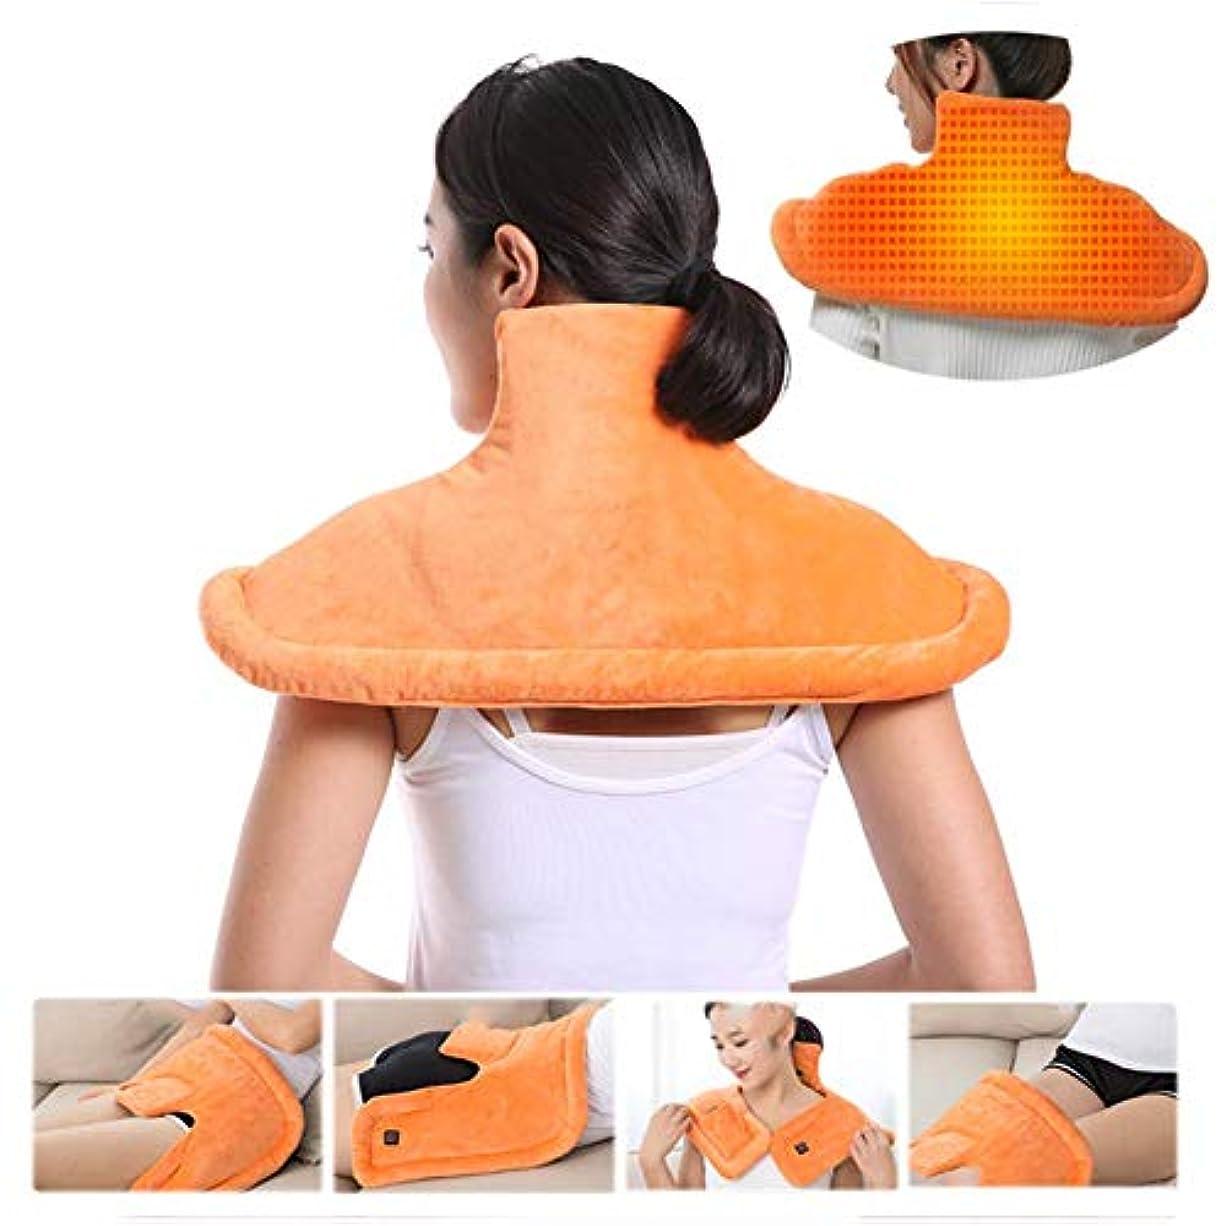 キリスト教薬用狂気Sooger 電熱のストール 首の肩の背部暖房パッド、マッサージのヒートラップの熱くするショールの減圧のための調節可能な強度フルボディマッサージ首の肩暖房湿った熱療法のパッド